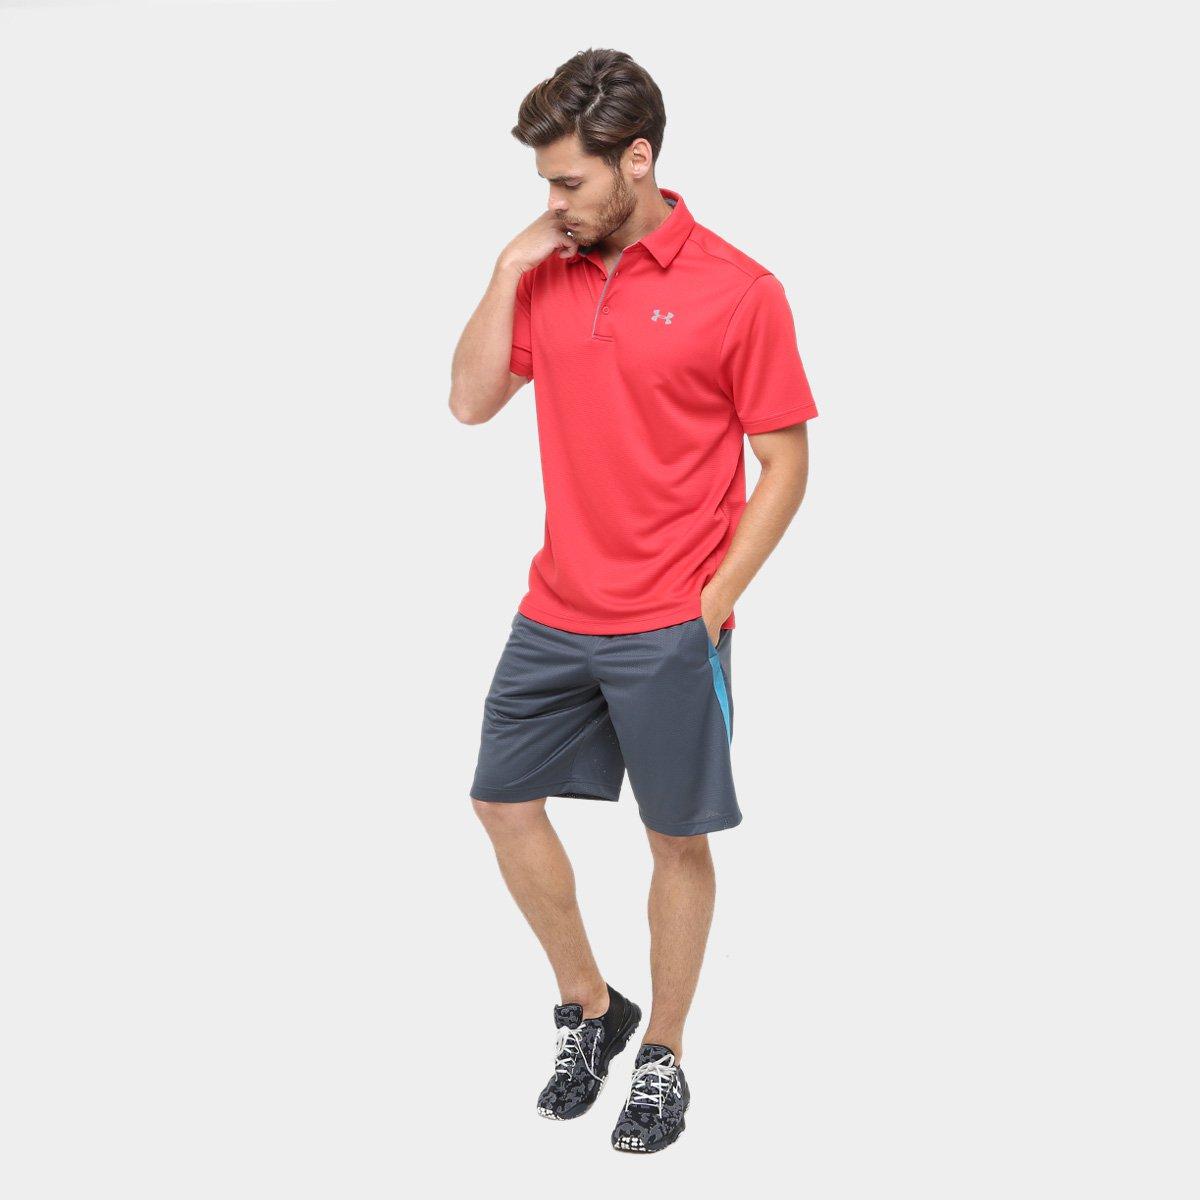 1c910183e4 Camisa Polo Under Armour Tech Masculina - Vermelho e Cinza - Compre ...